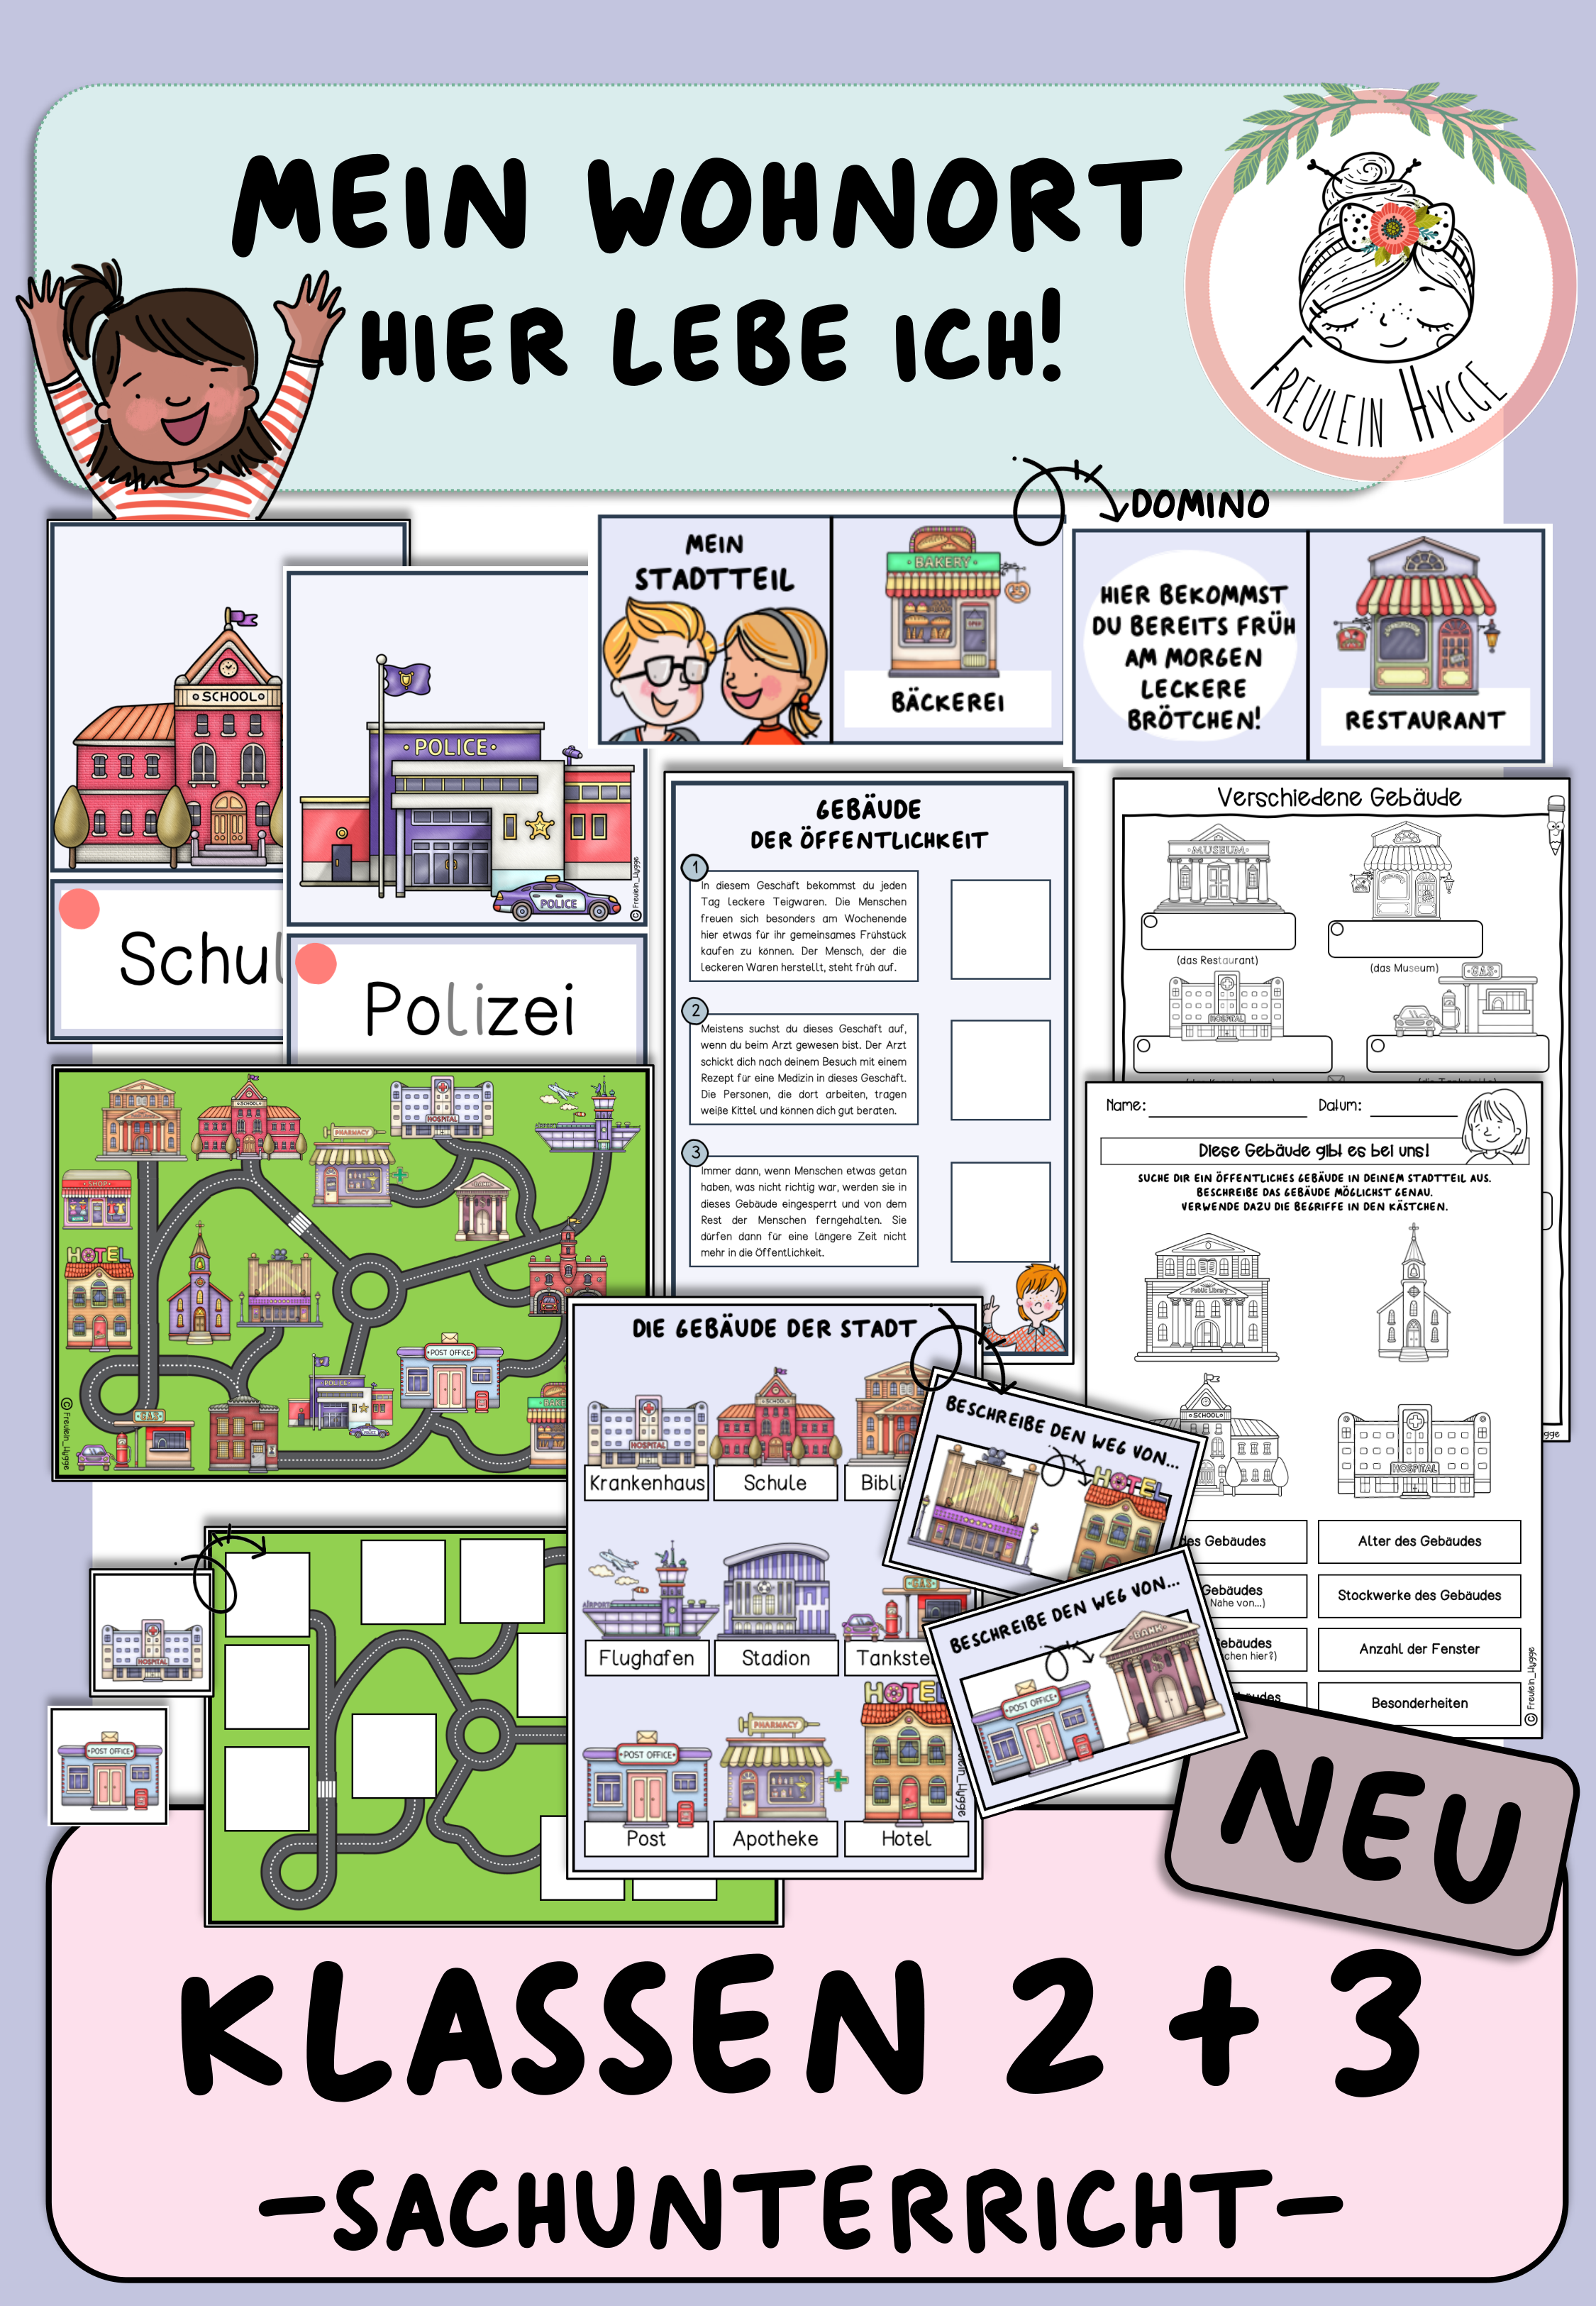 Grundschulmaterial Materialpaket Mein Wohnort Kunstunterricht Grundschulmaterial Kunstunterricht 5 In 2020 Grundschulmaterial Grundschule Sachunterricht Grundschule